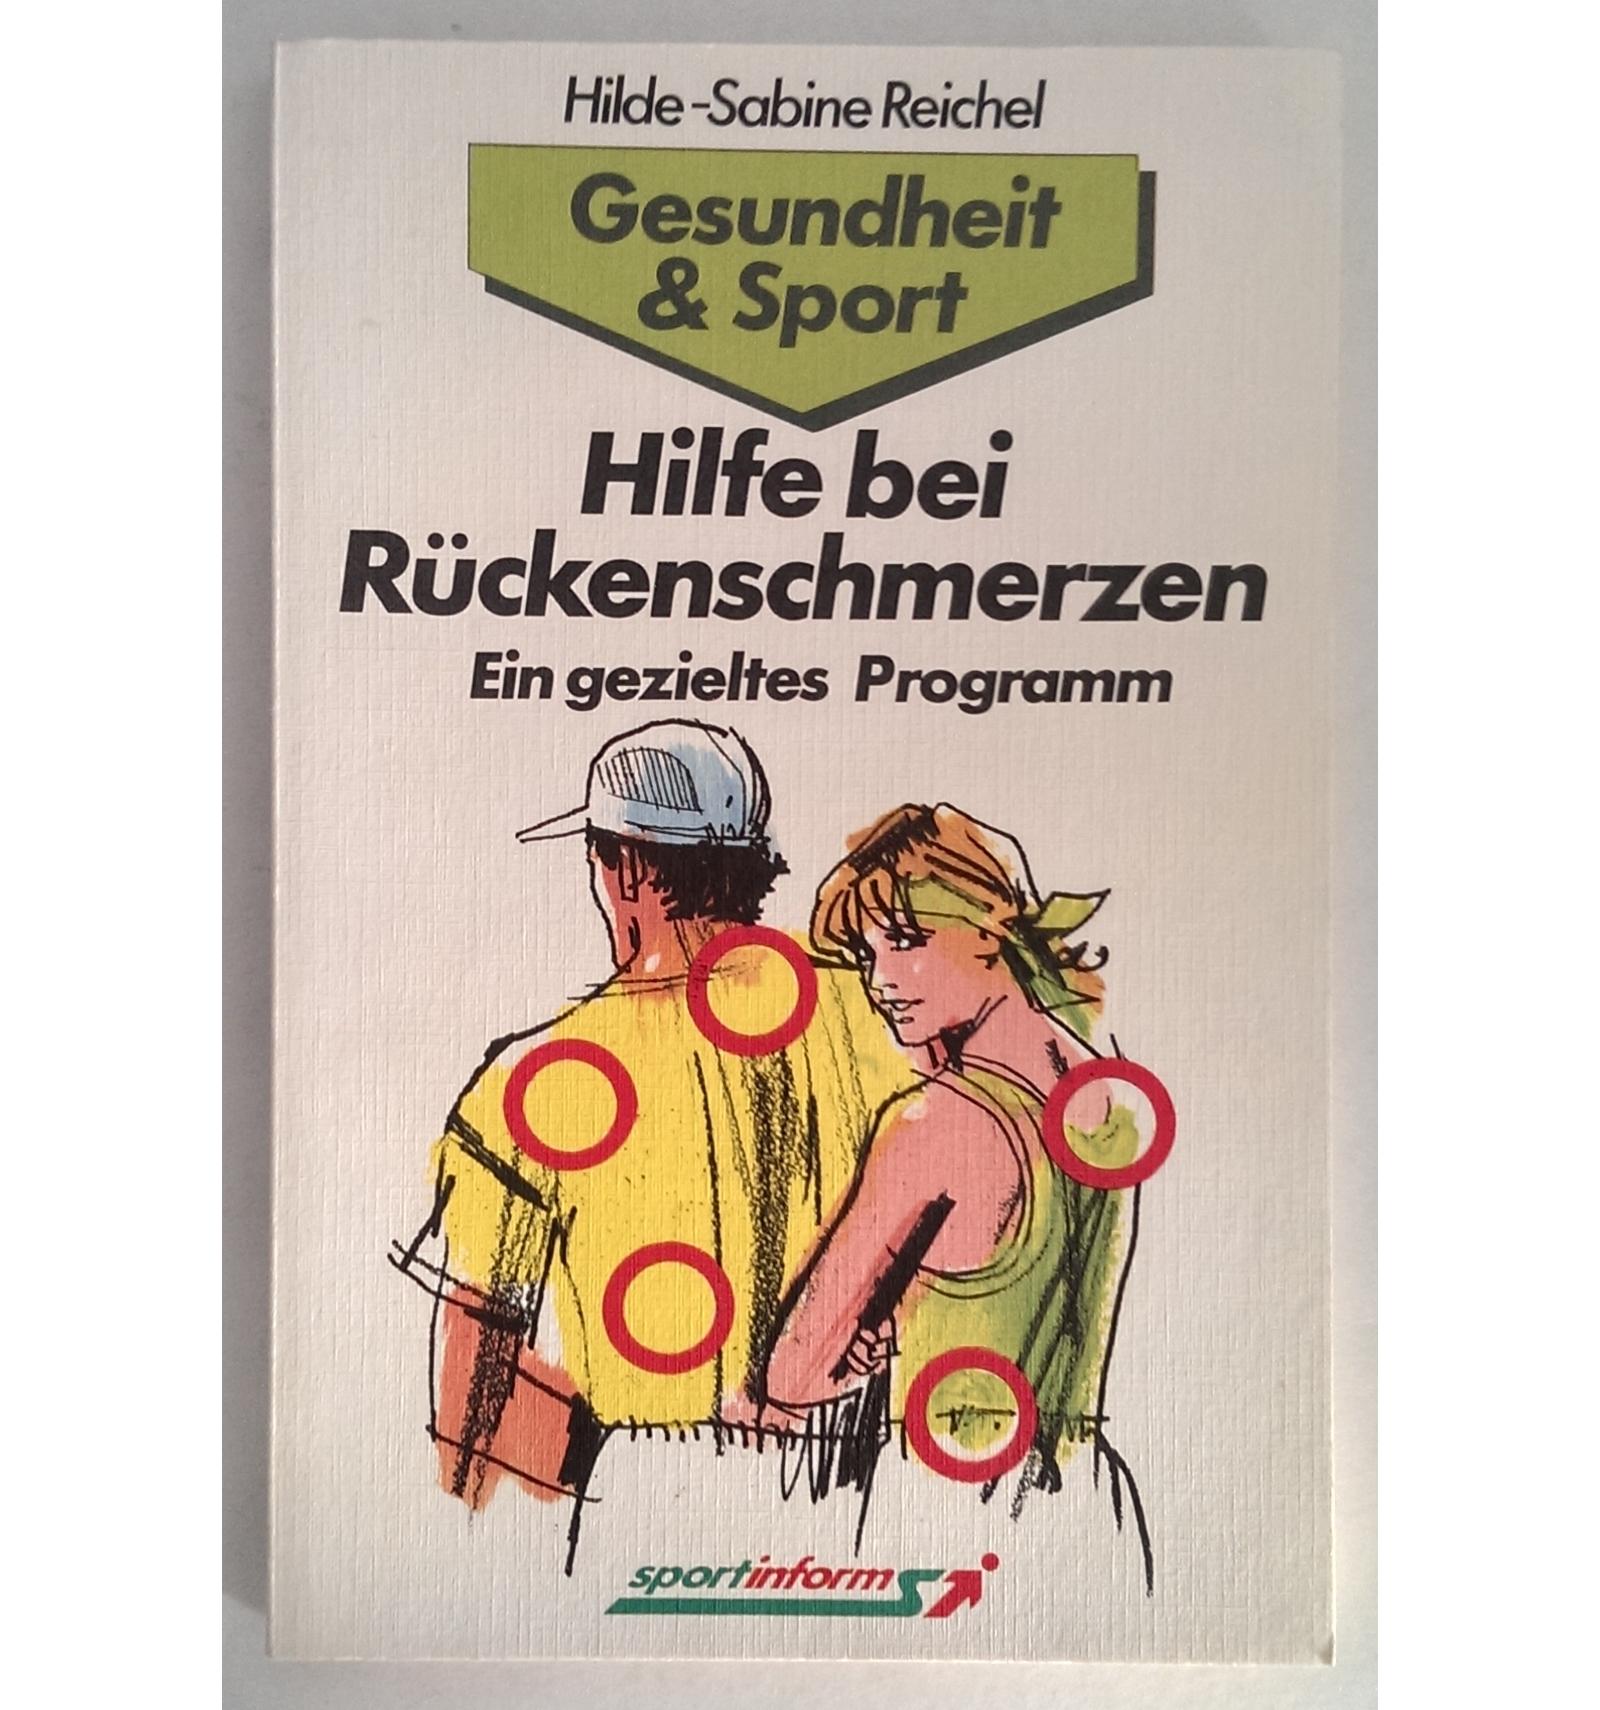 Reichel, Hilde-Sabine: Hilfe bei Rückenschmerzen. Ein..